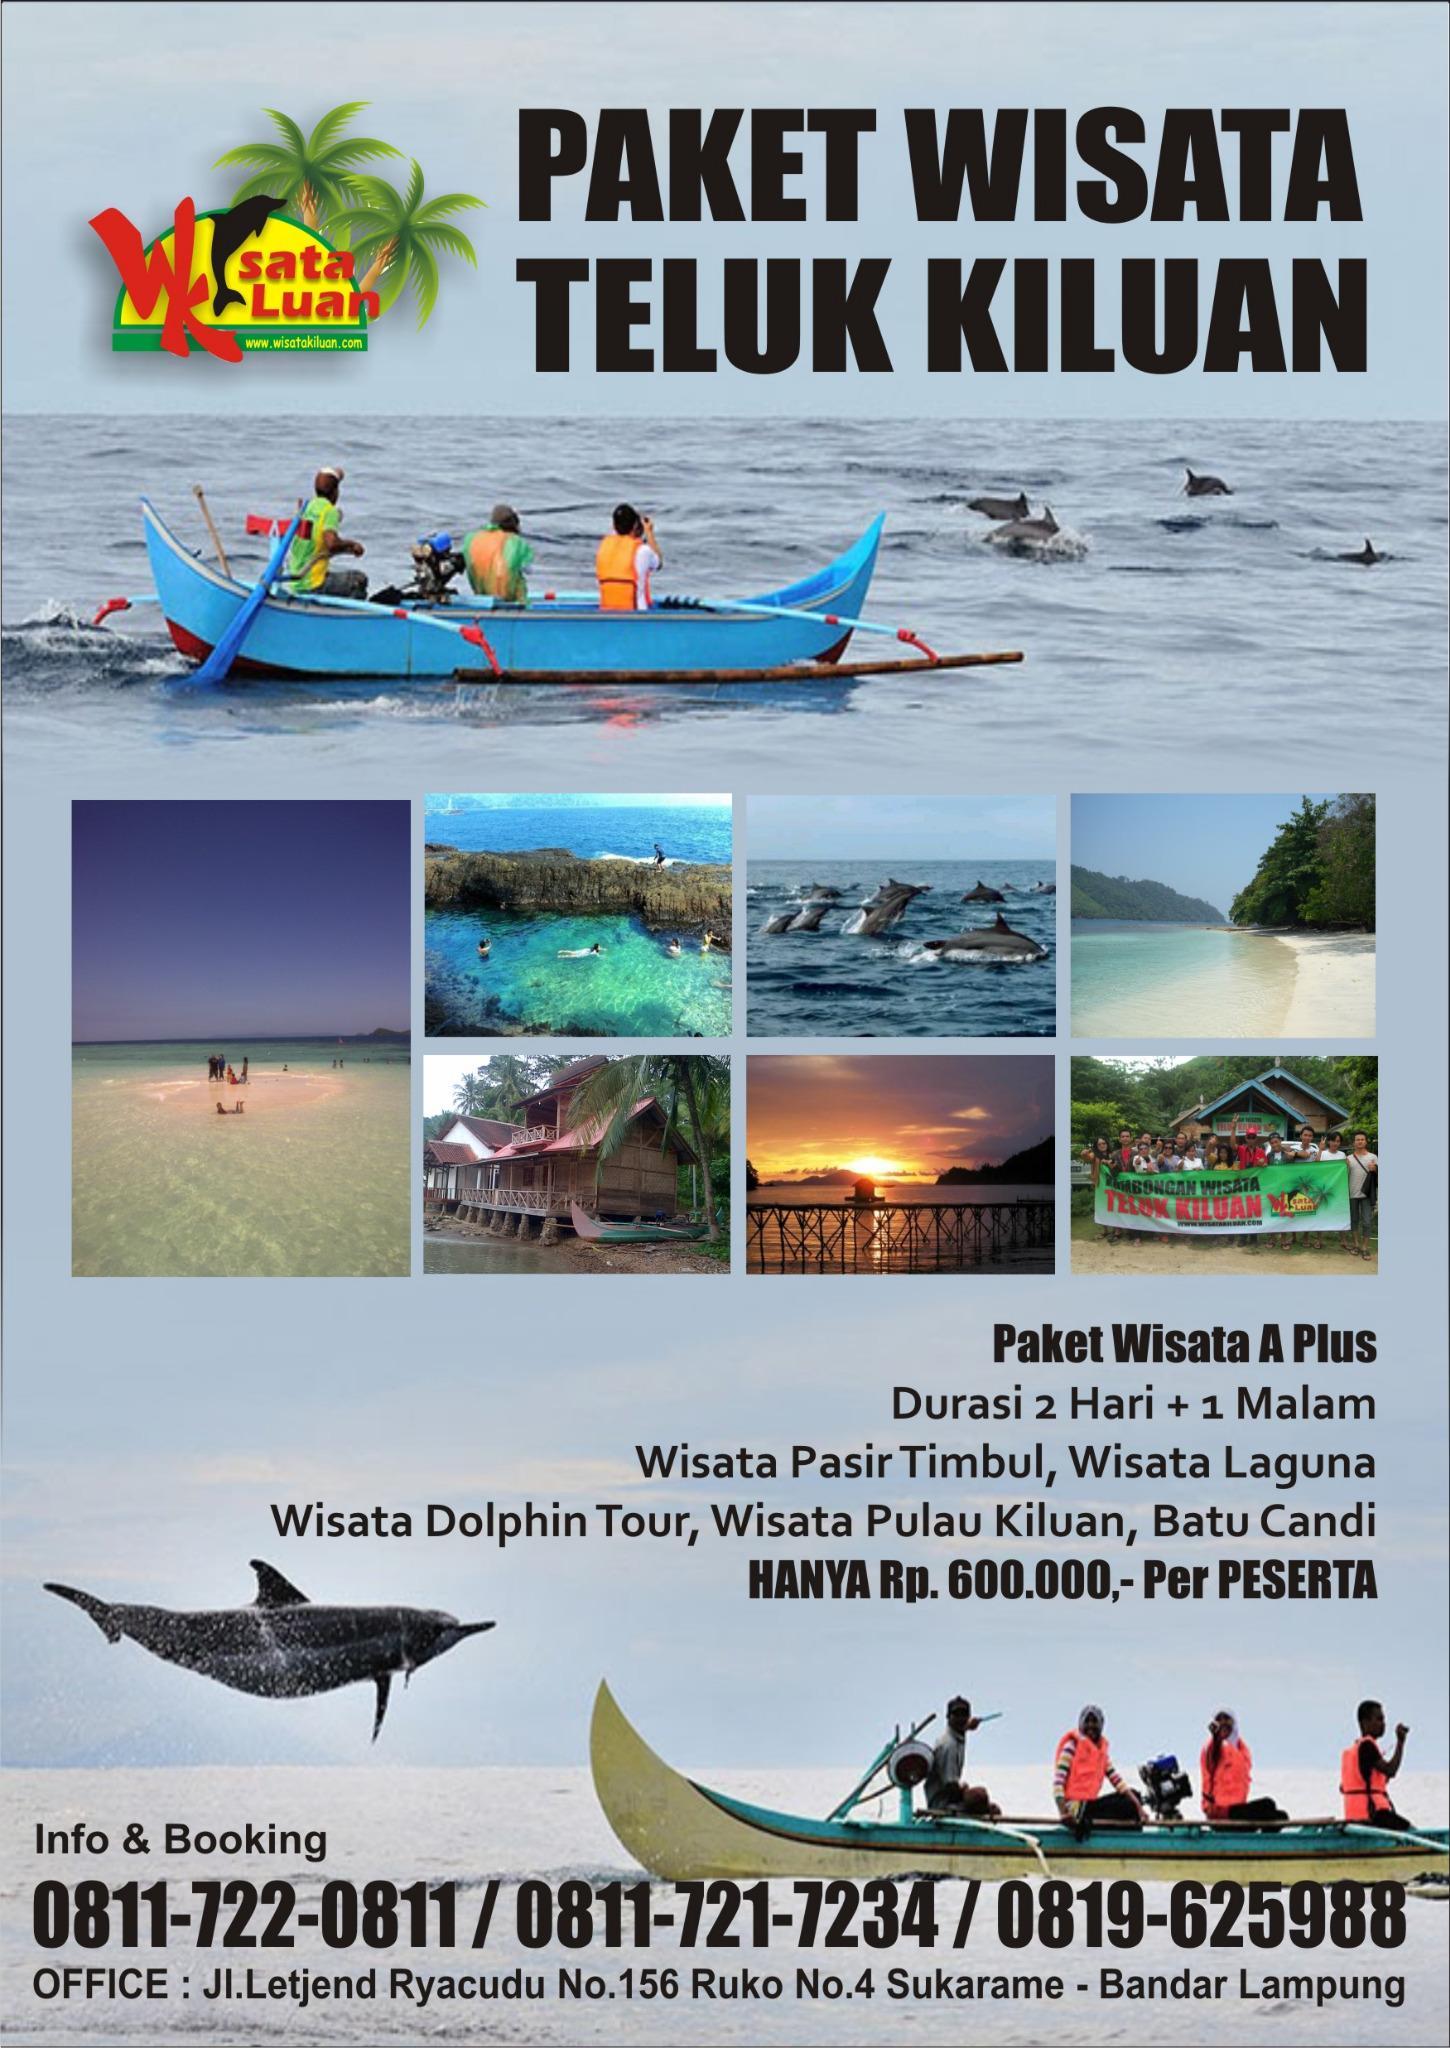 Wisata Teluk Kiluan On Twitter Wisata Teluk Kiluan Plus Wisata Pasir Timbul Lampung 0811 7220811 0811 7217234 0819 625988 Http T Co Dhknpnpcfd